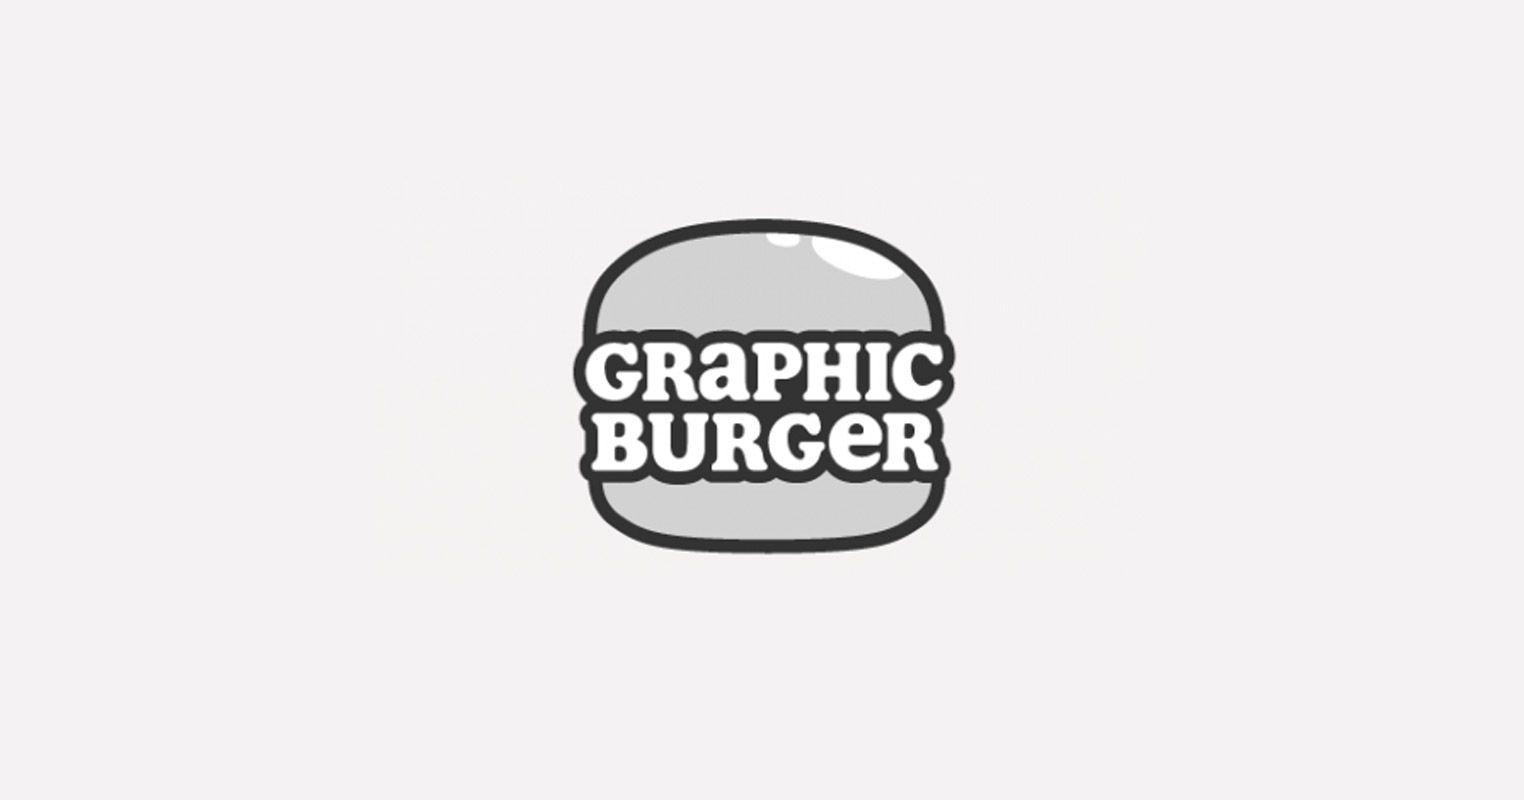 Graphic Burguer